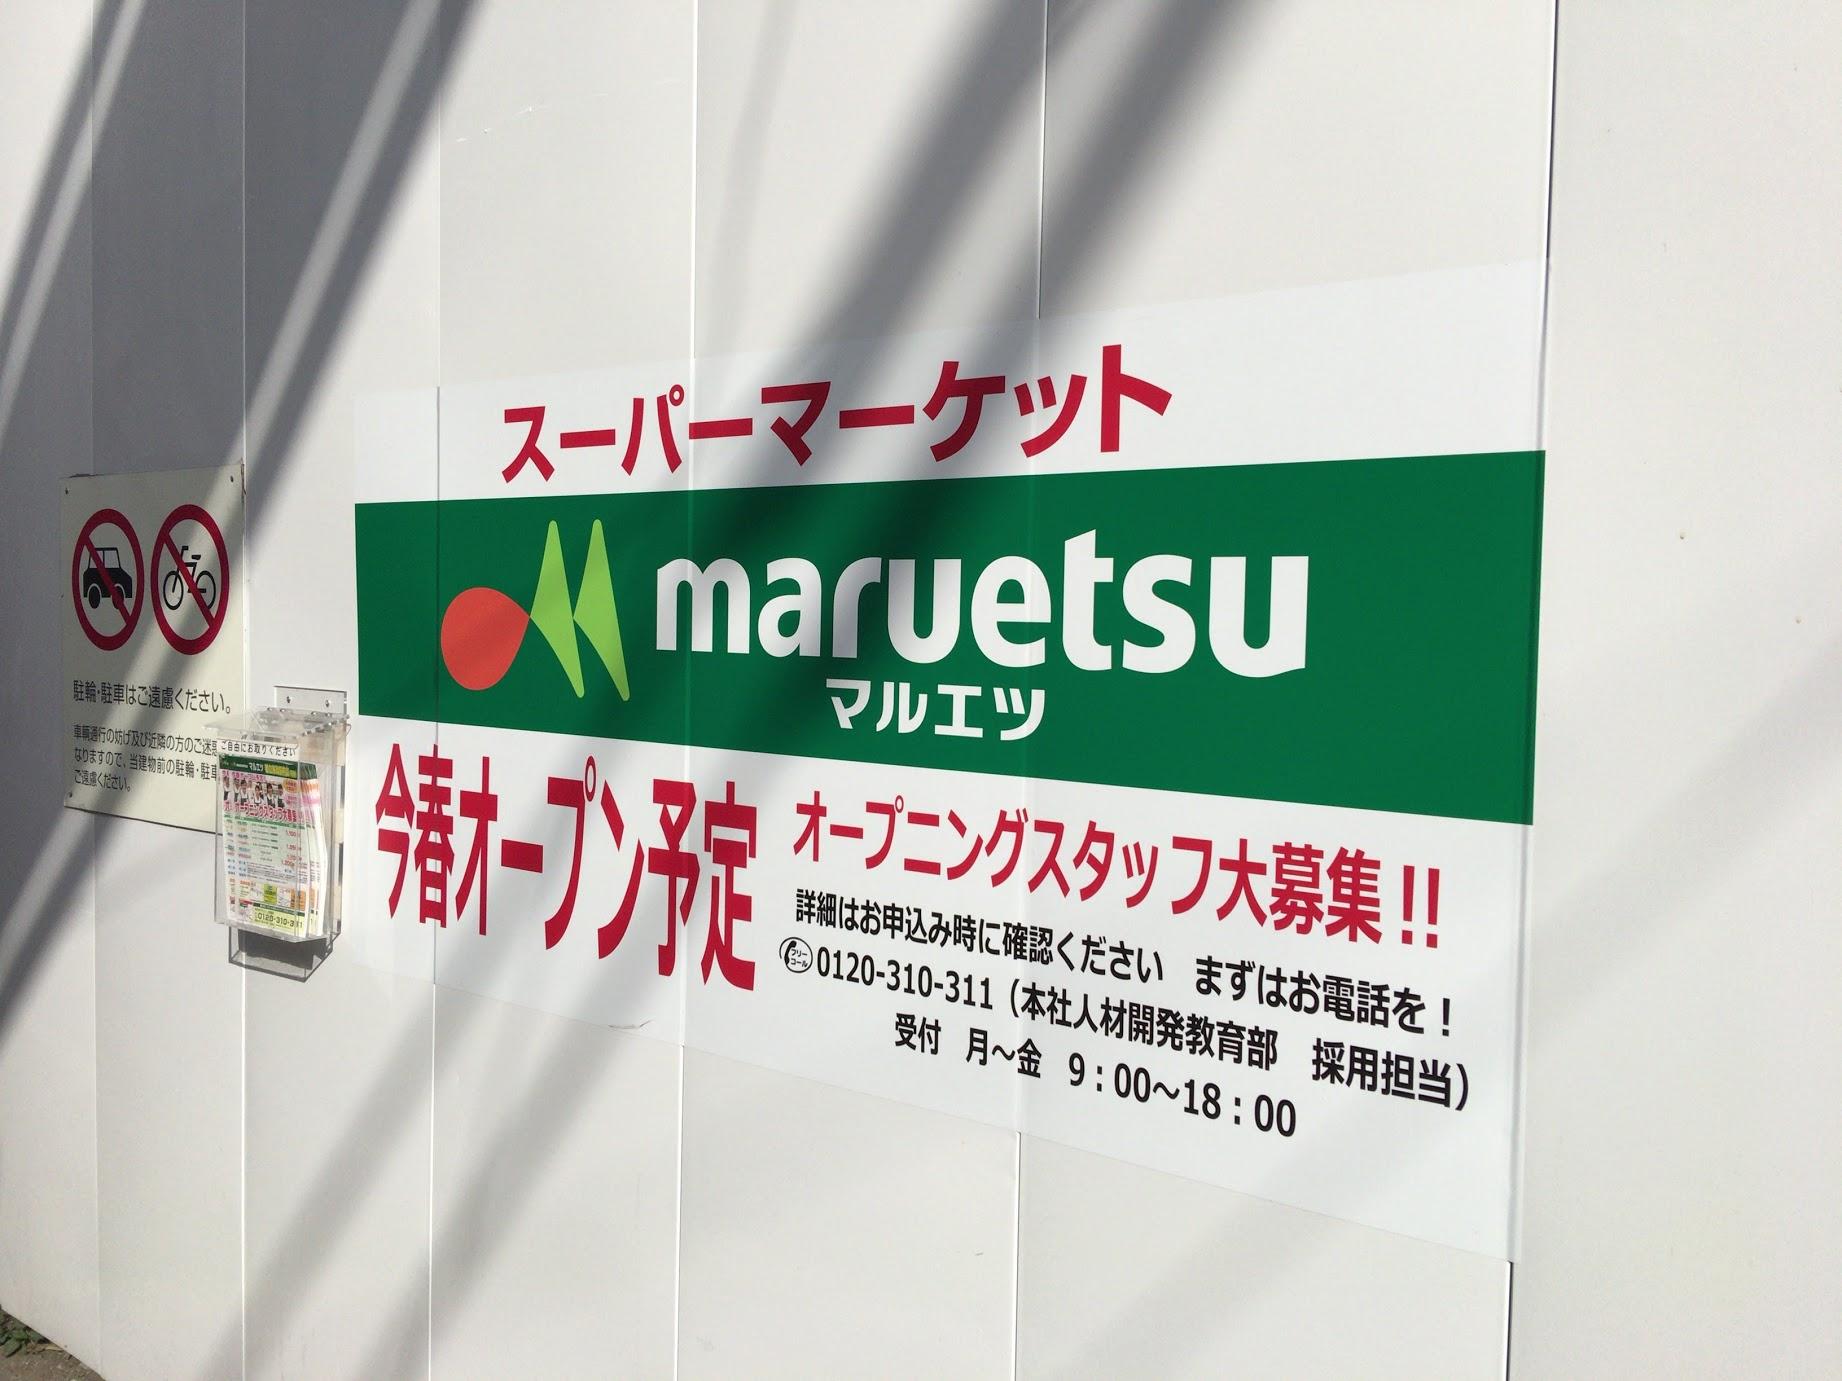 「都立de集う」の最寄り駅に24時間営業マルエツが開店